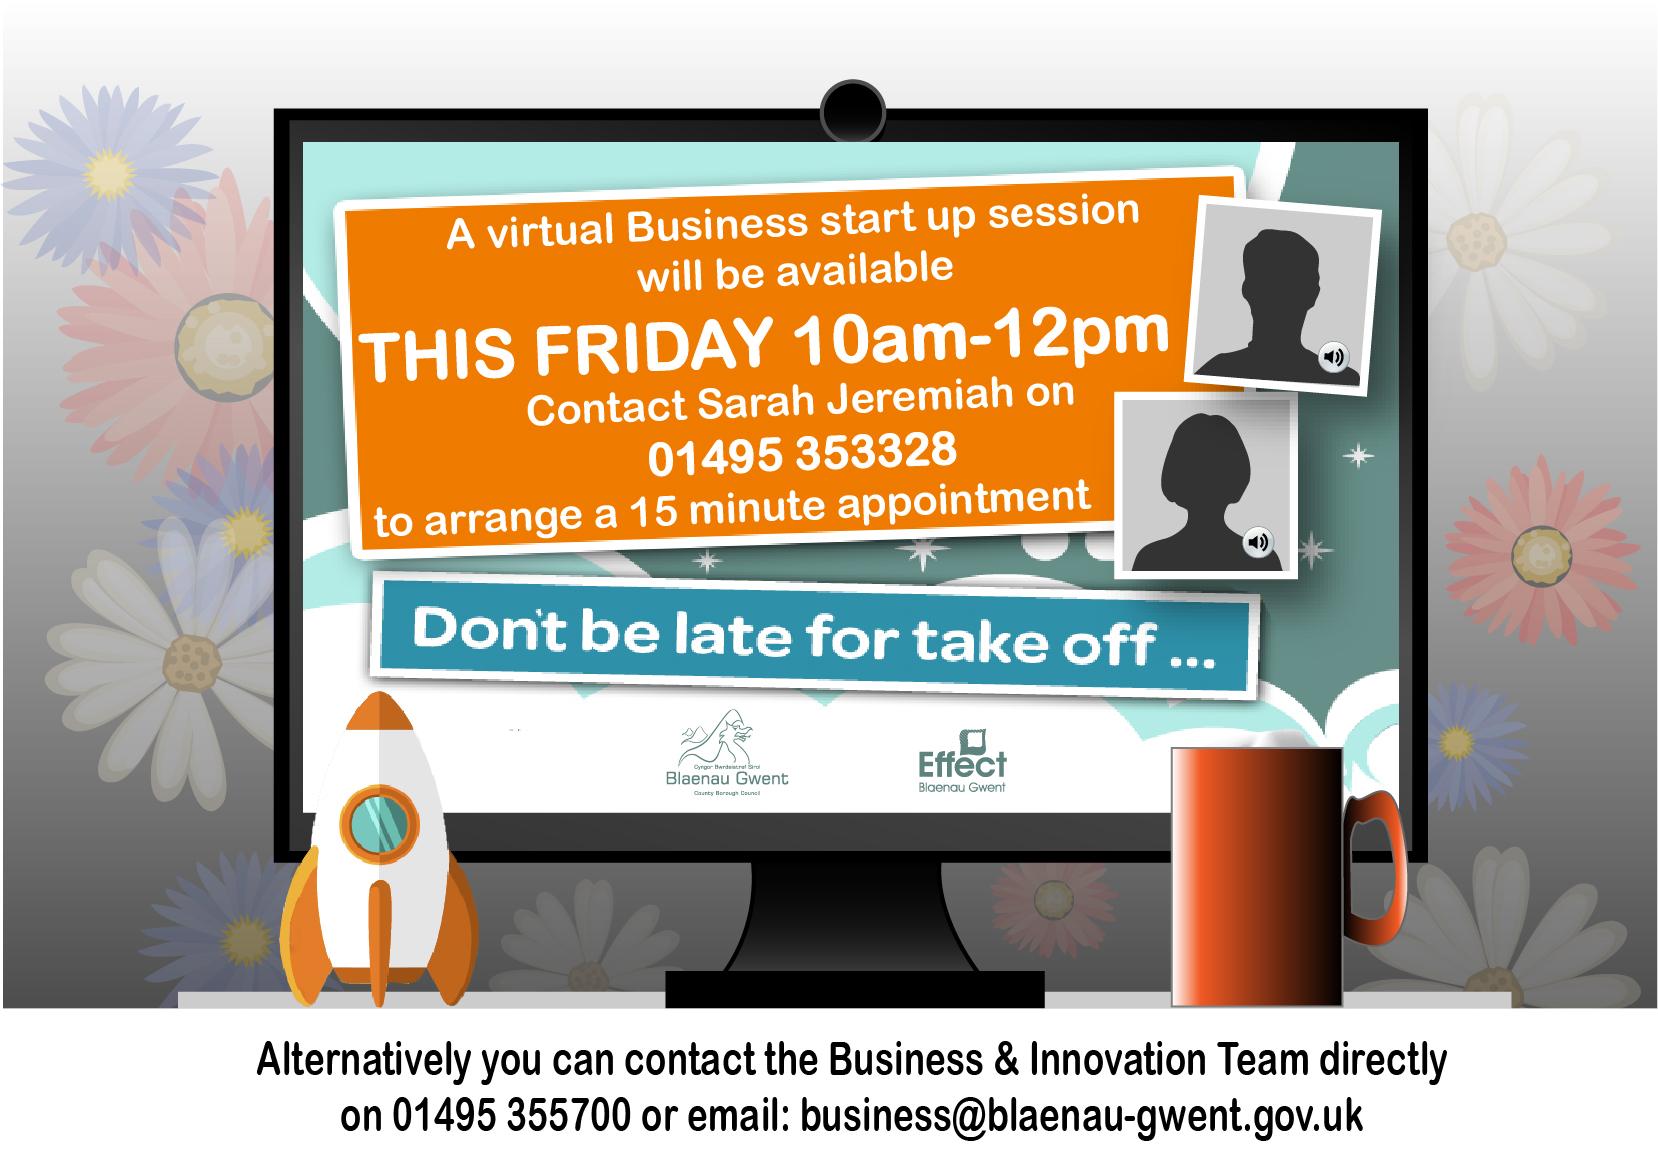 BG Effect Fund open for Business Start-Ups